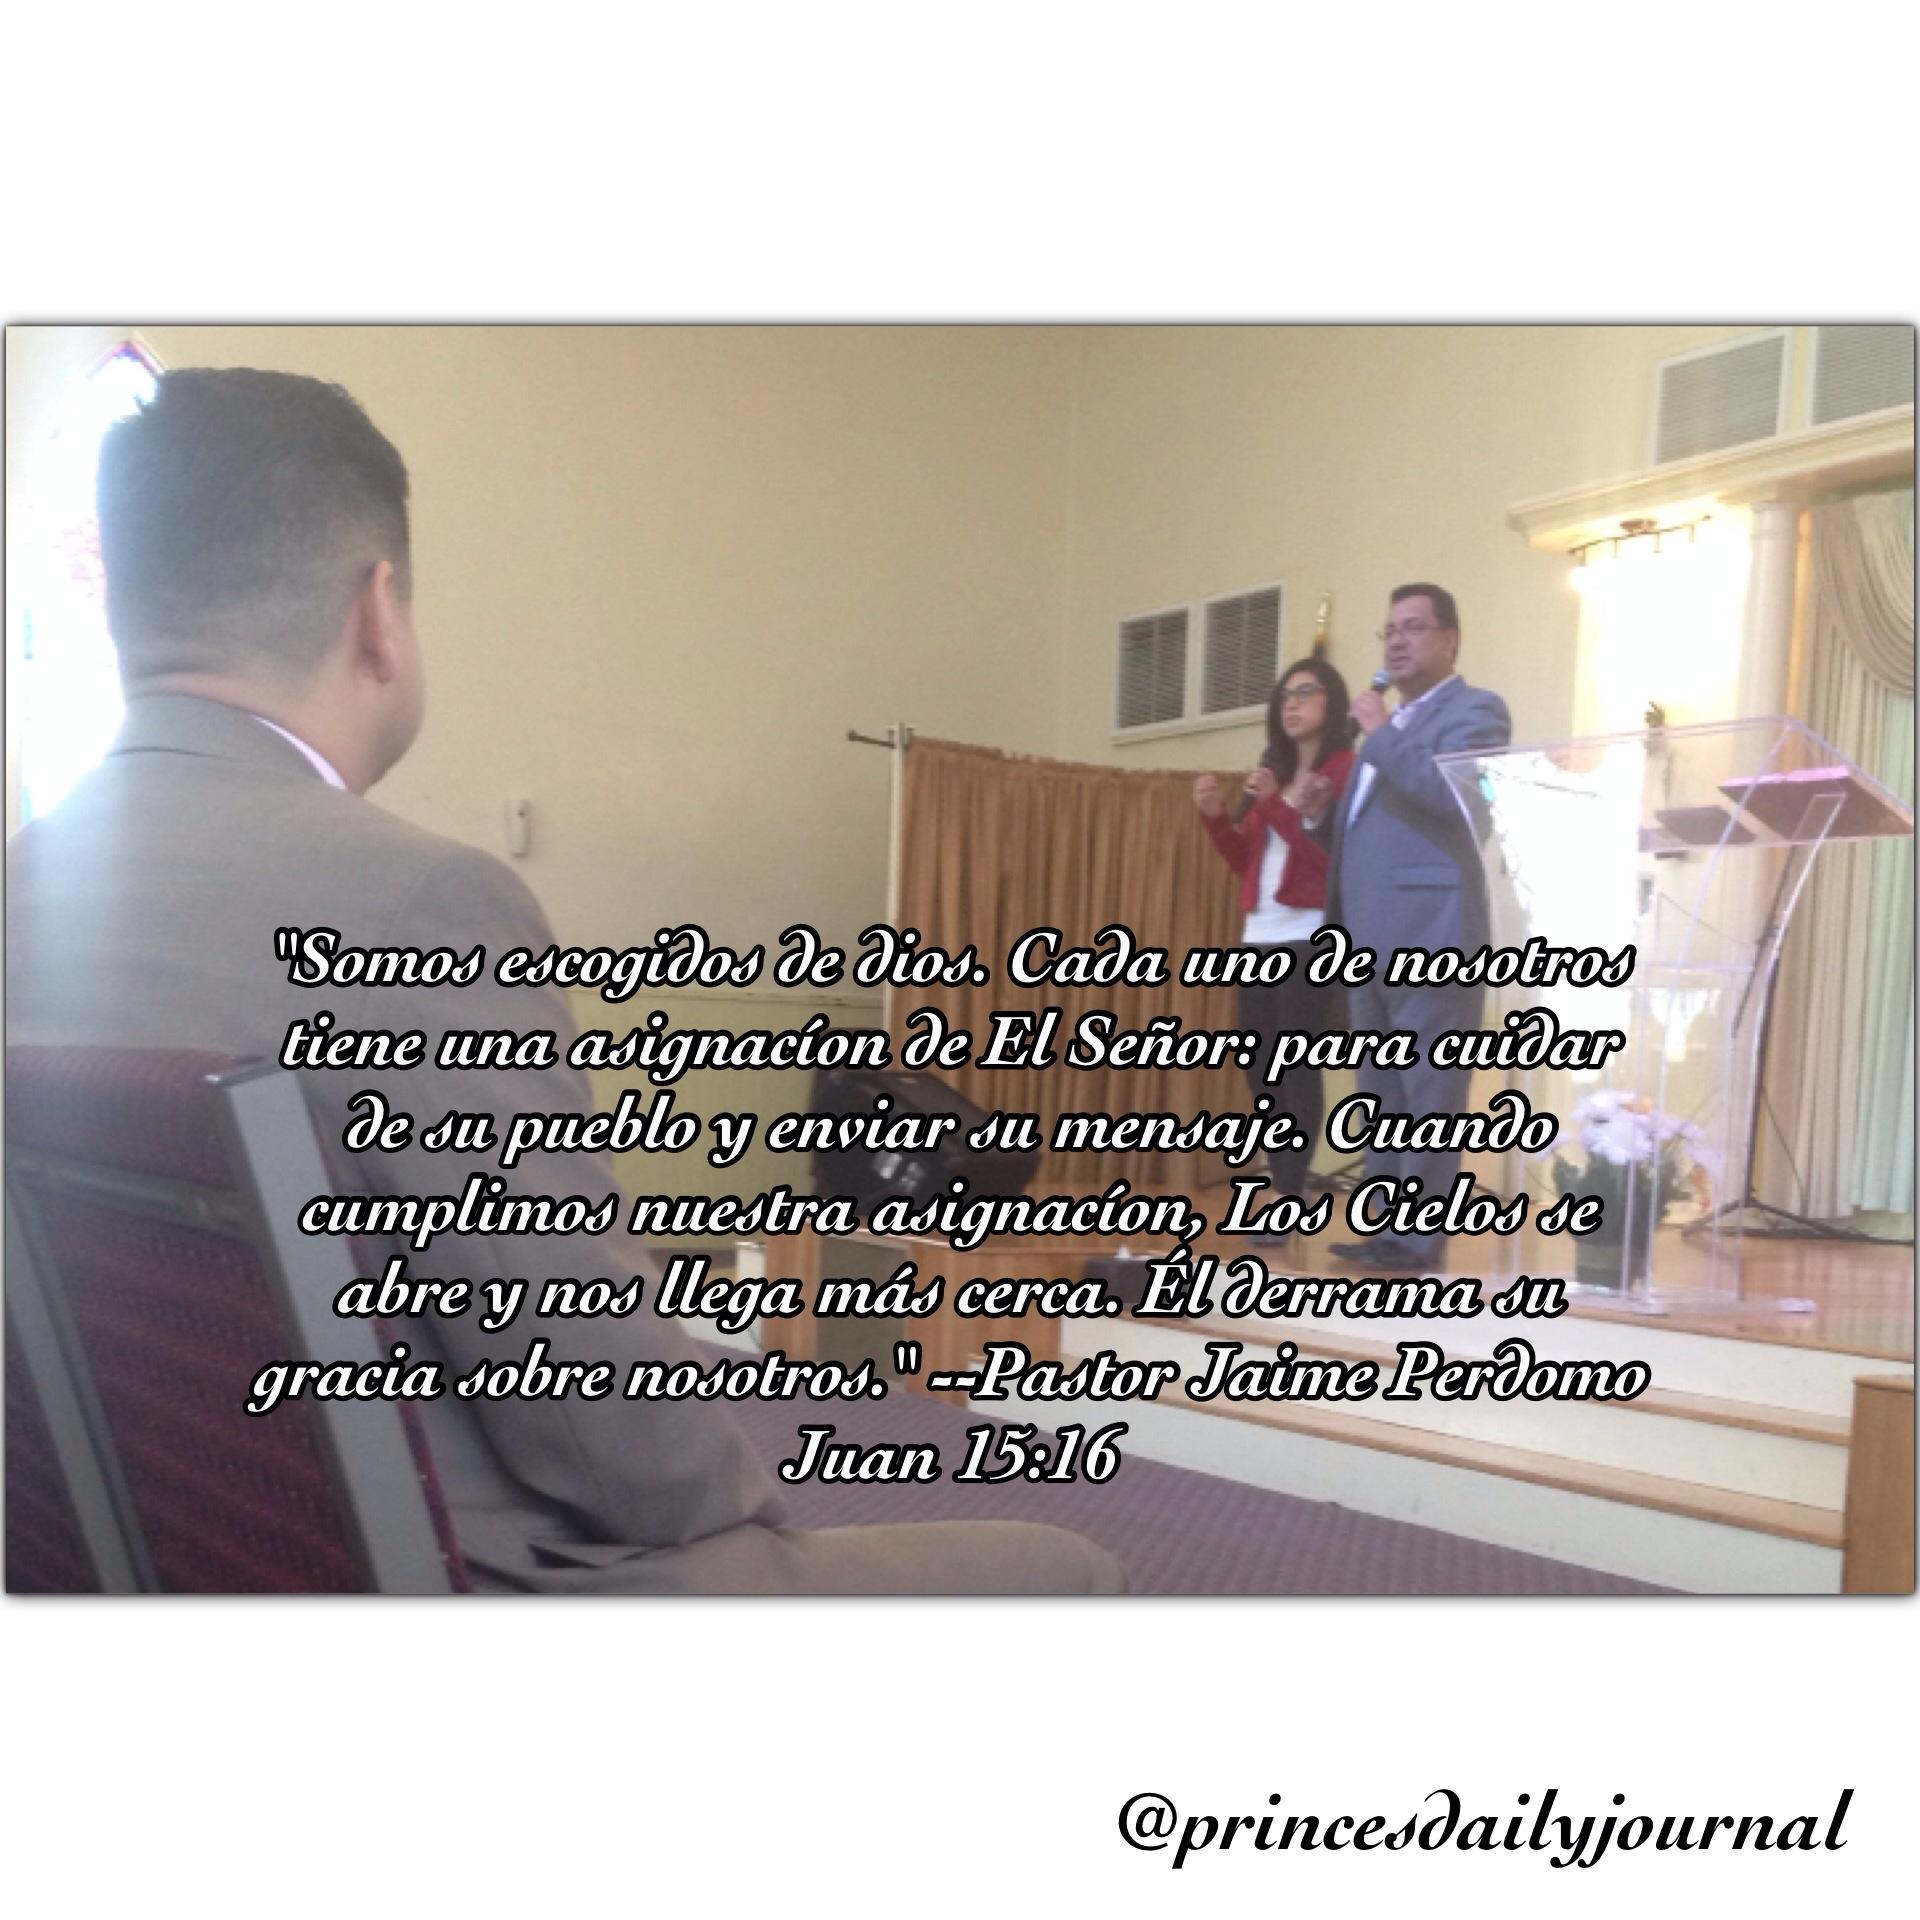 Pastor Jaime Perdomo